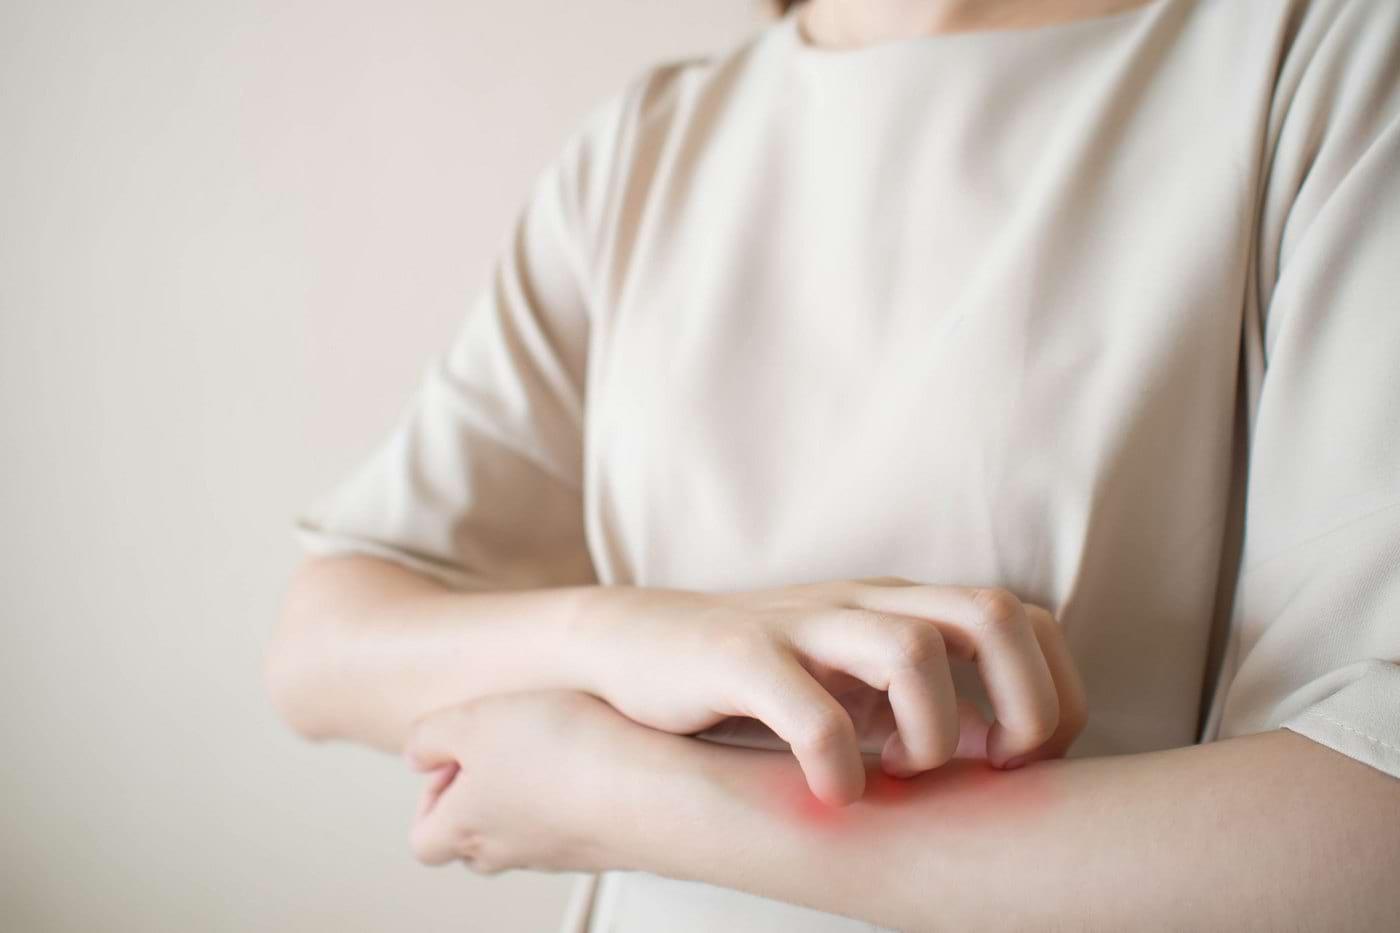 COVID-19: Recomandări pentru pacienții cu afecțiuni dermatologice